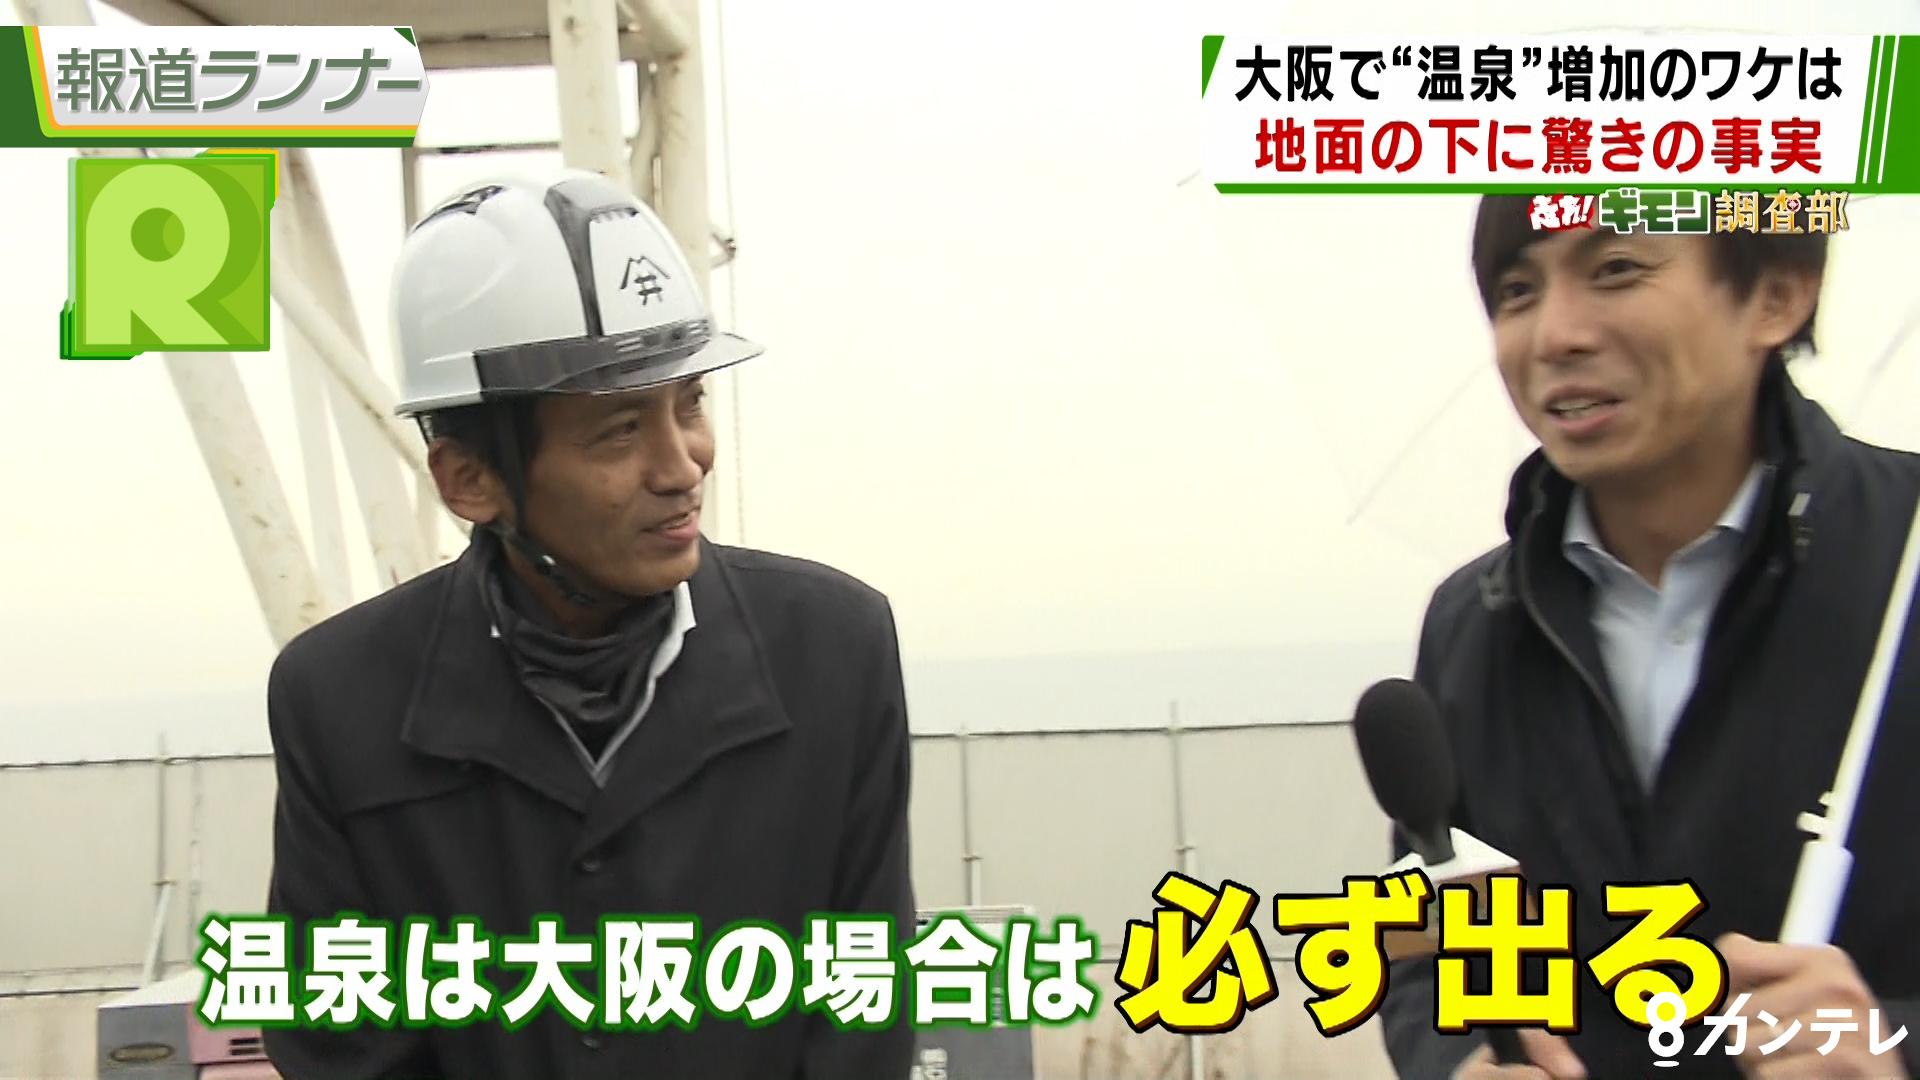 <走れ!ギモン調査部>「大阪で温泉が増えるわけは?」